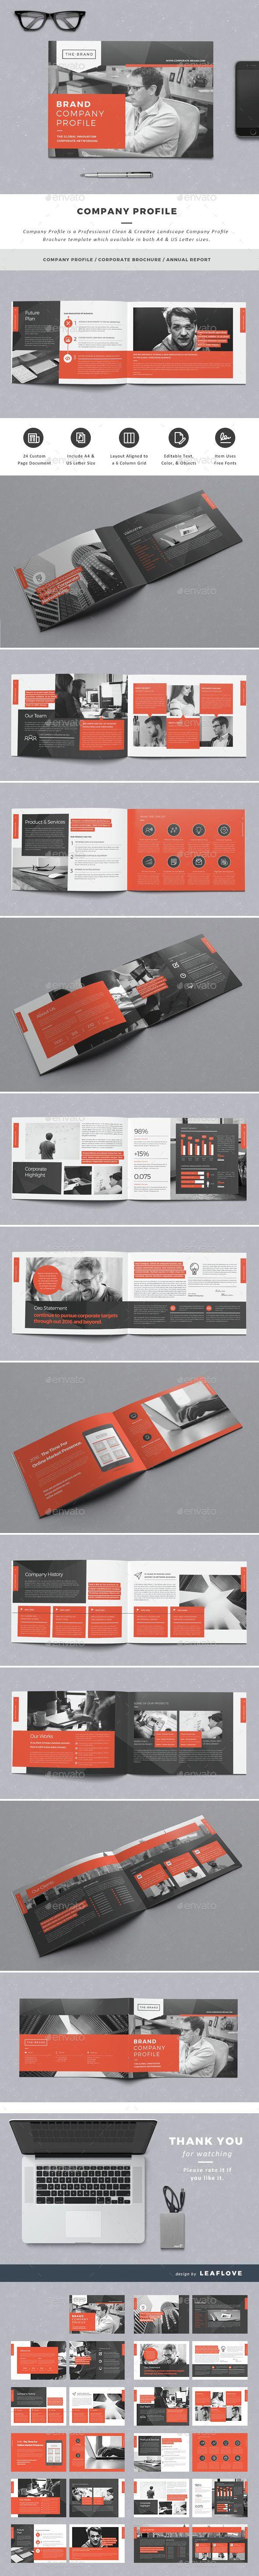 Company Profile   Diseño editorial, Editorial y Folletos